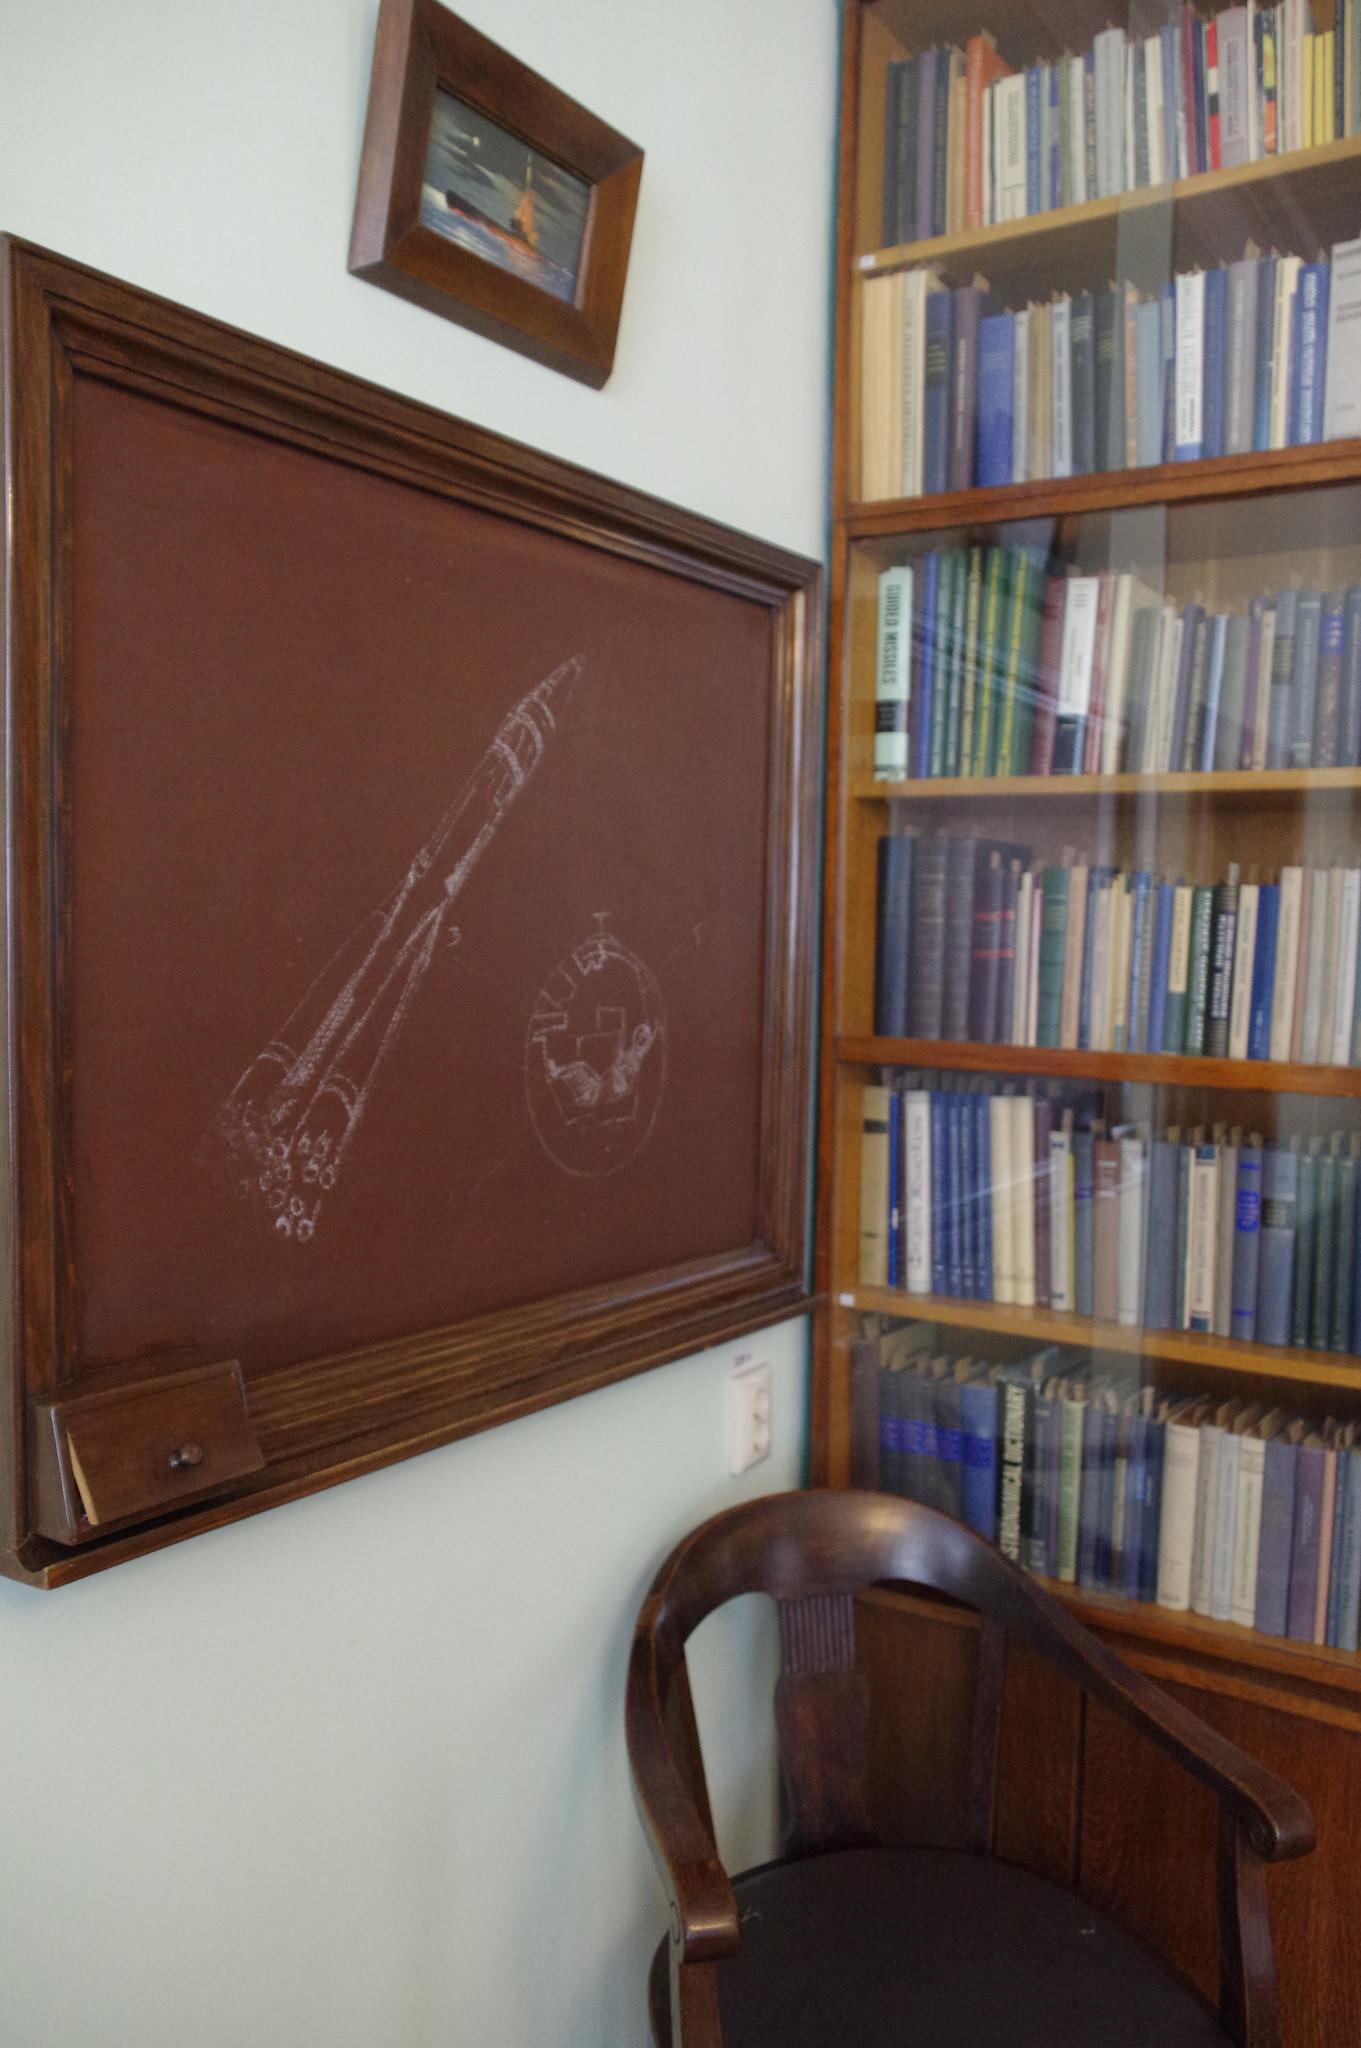 Мемориальный дом-музей академика С.П. Королёва (1-я Останкинская улица, дом 28)